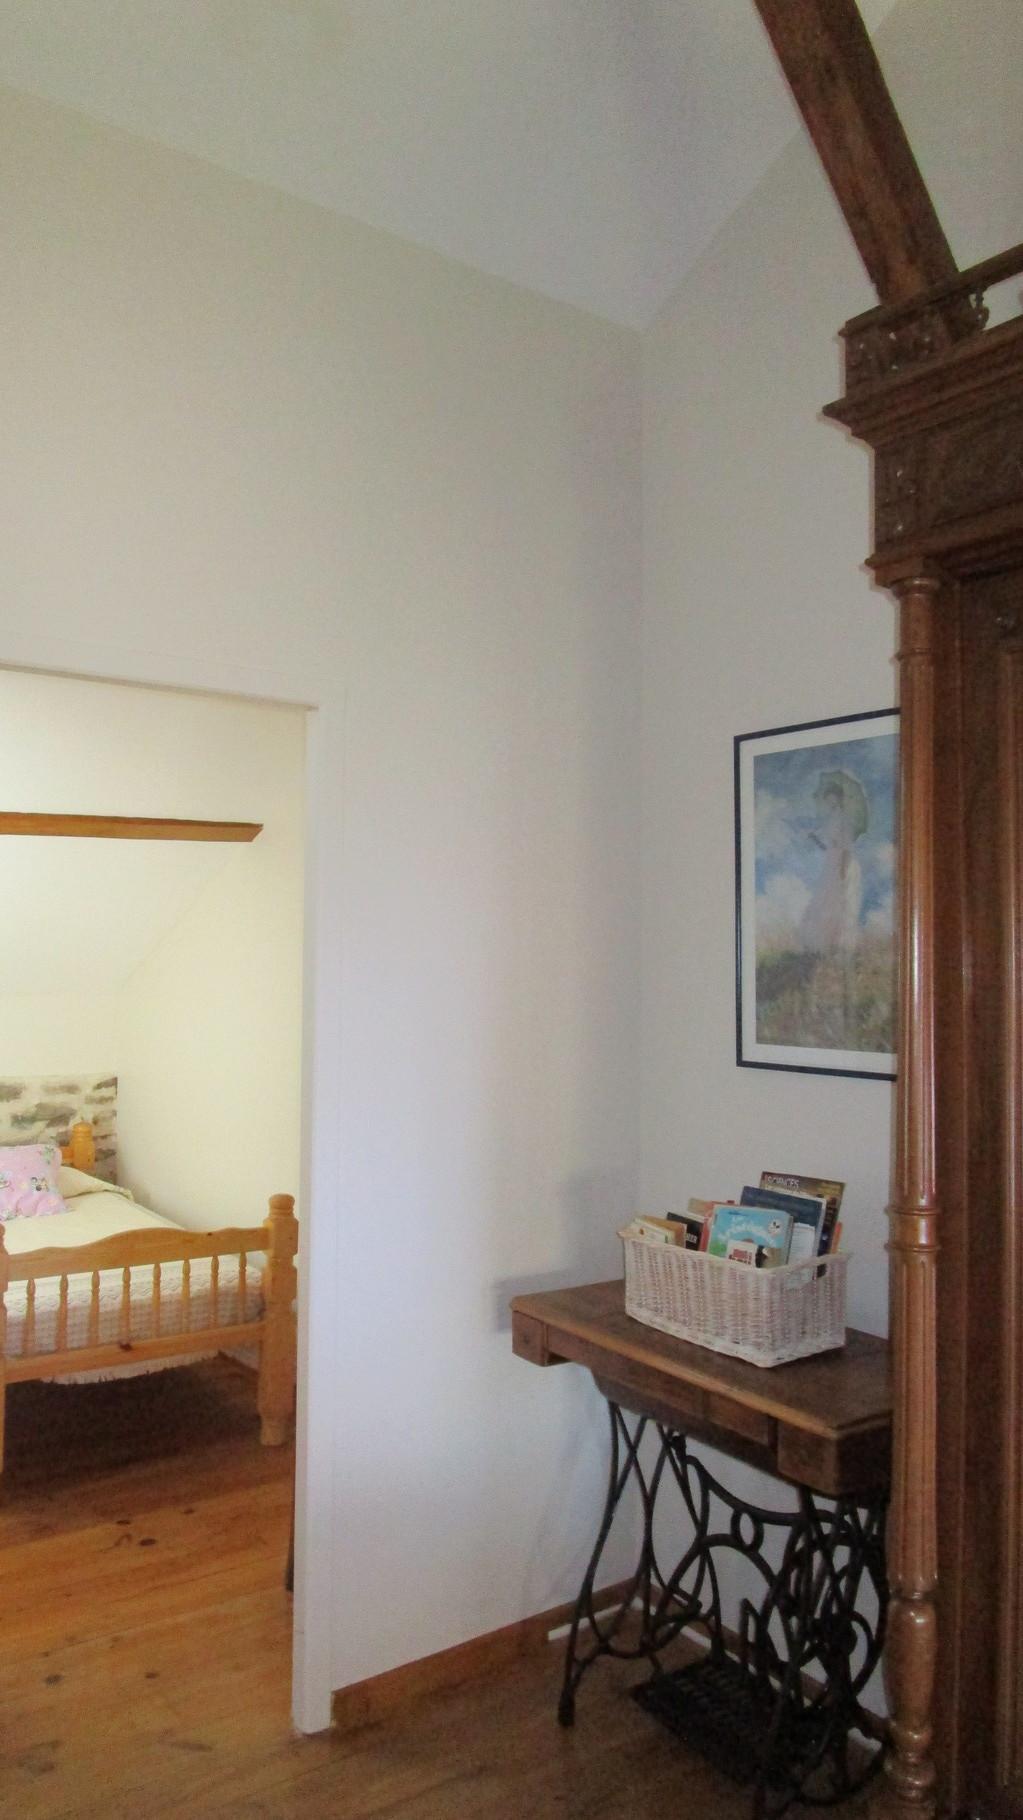 accès petite chambre depuis la grande chambre étage, Gîtes et chambre d'Hôtes Peyrecout Tarn Cordes Albi